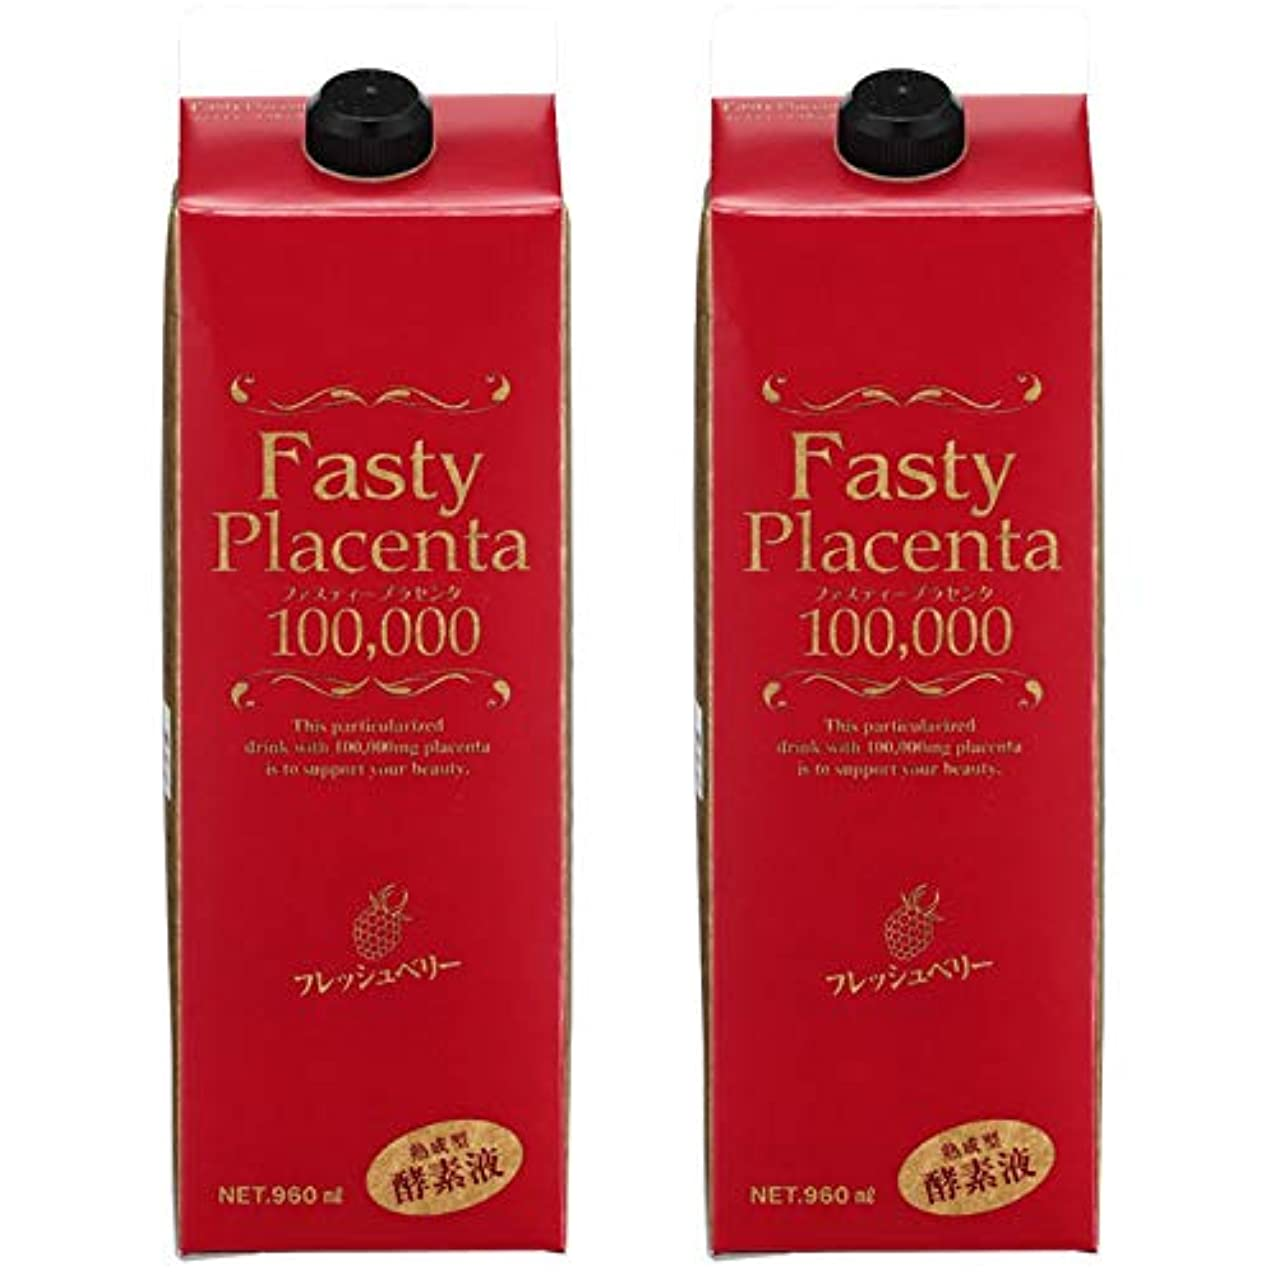 接続不確実コレクションファスティープラセンタ100,000 増量パック(フレッシュベリー味)2個